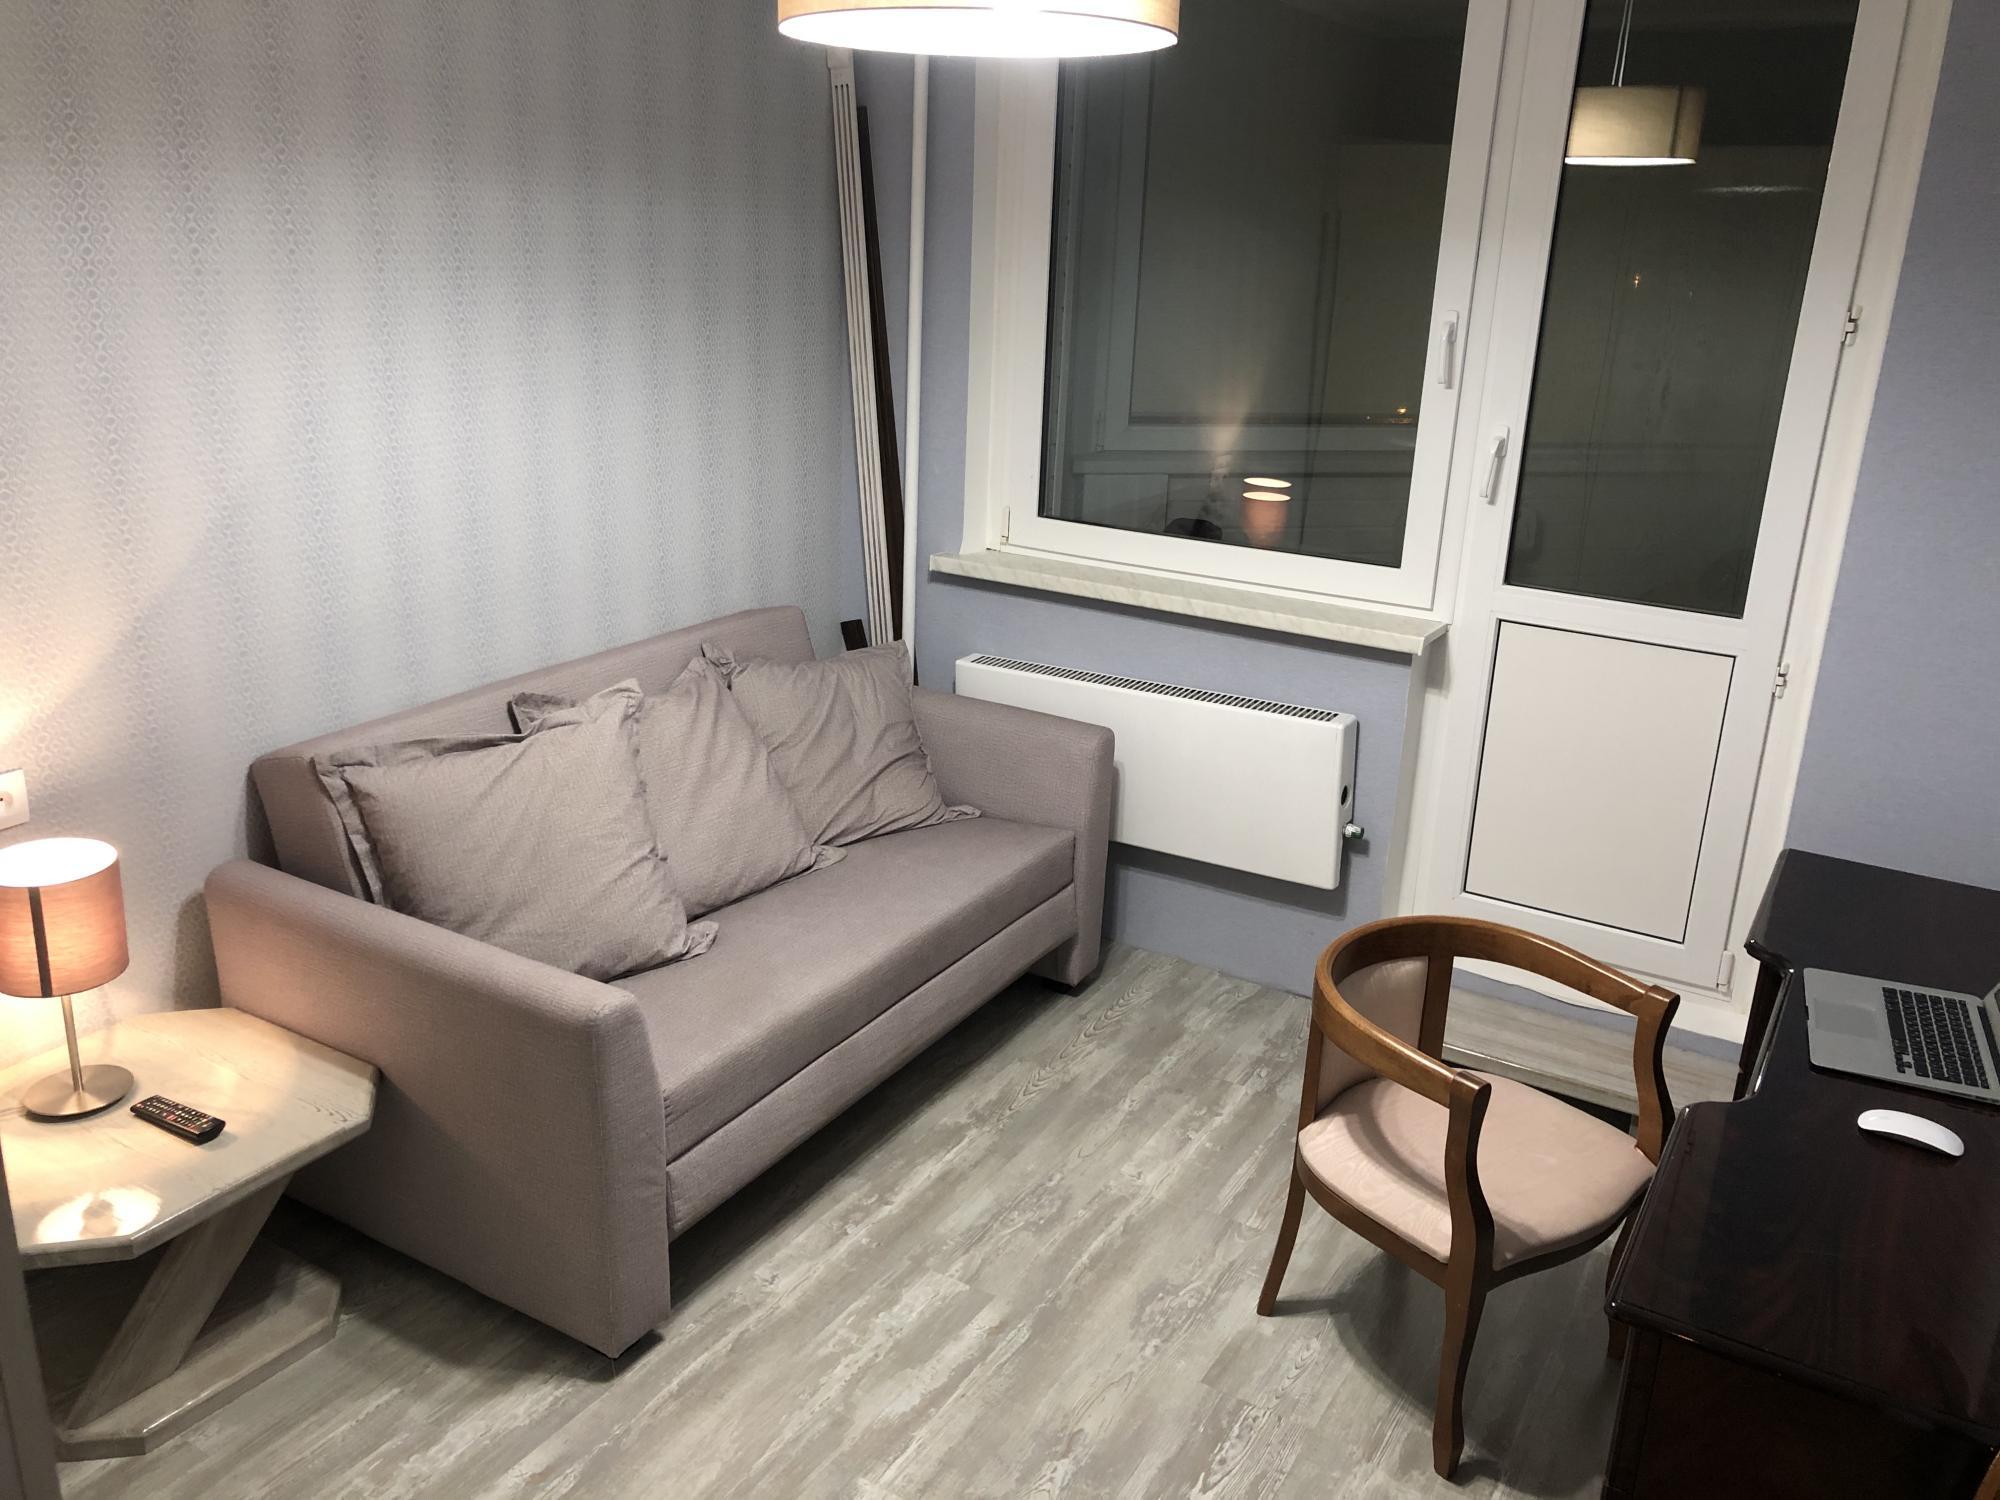 Квартира, 3 комнаты, 84 м² в Троицке 89671215191 купить 8